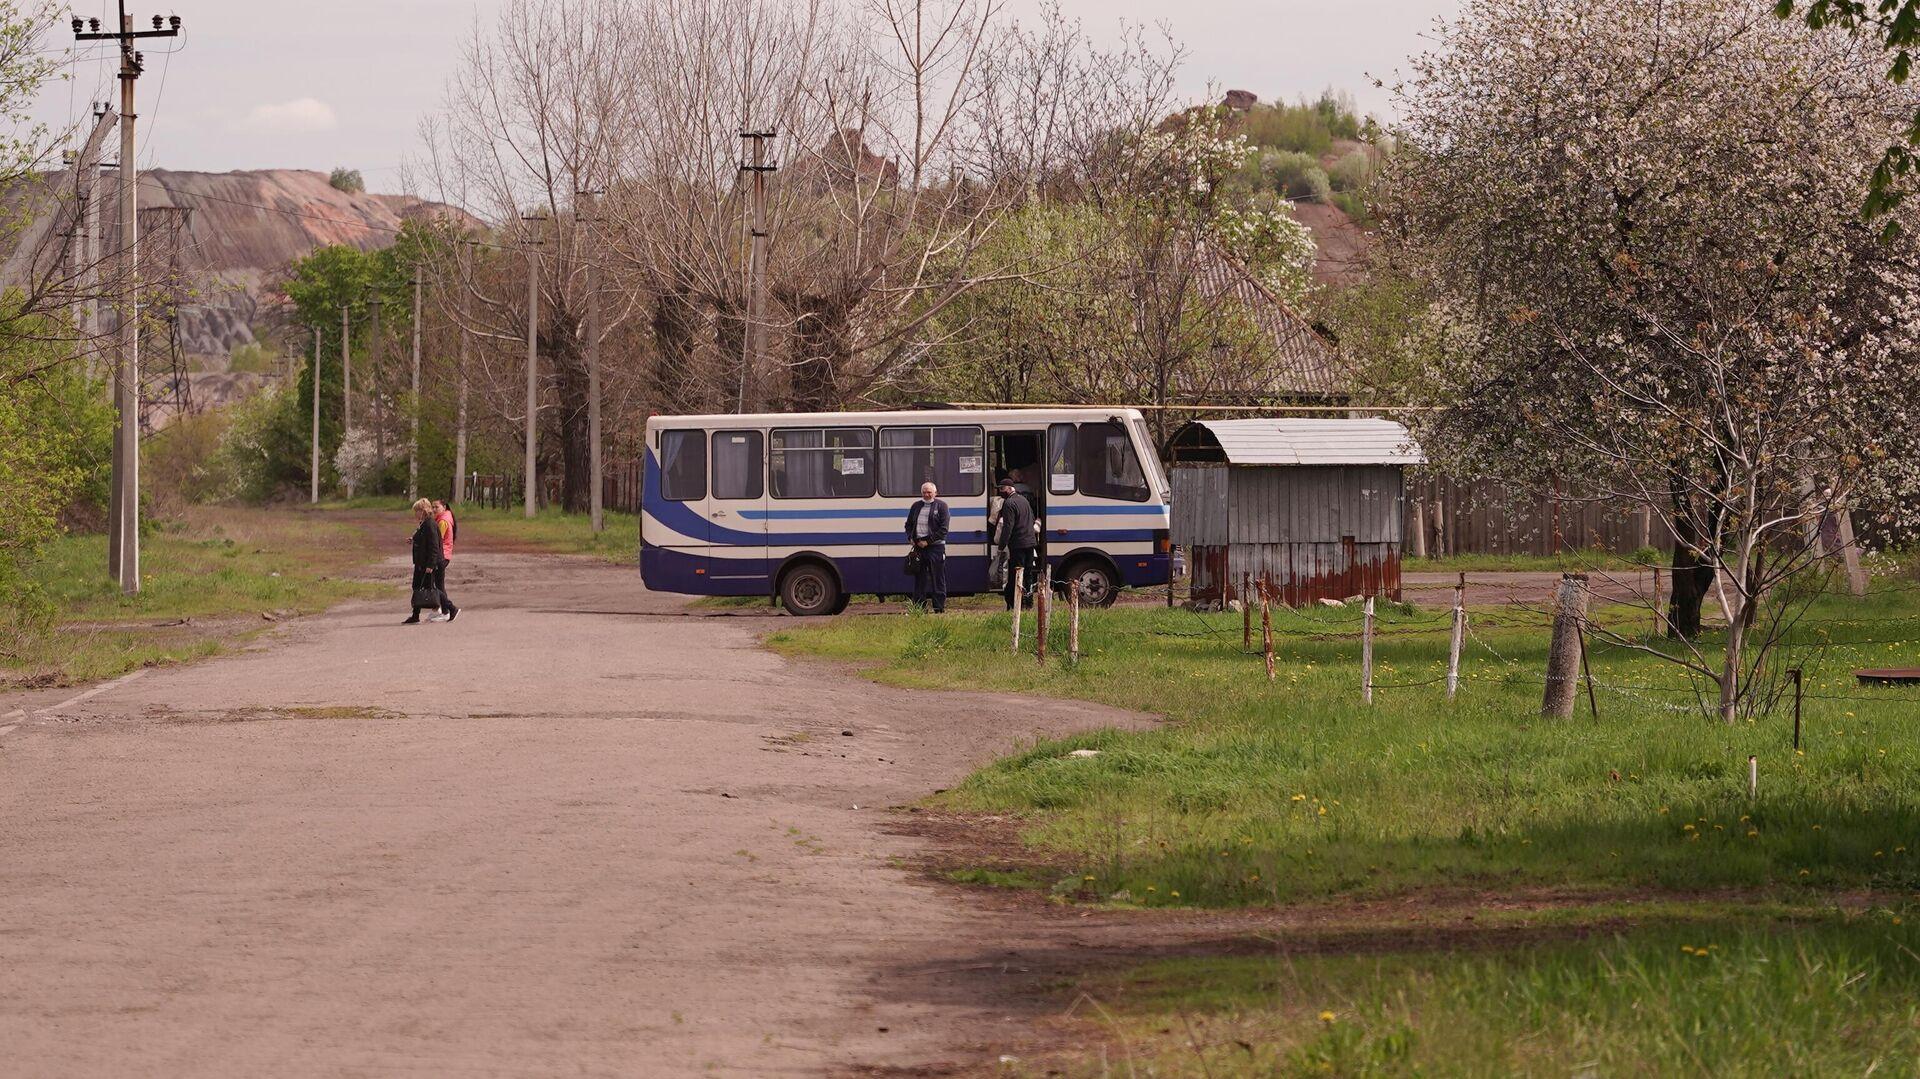 Прибытие рейсового автобуса в населенном пункте Золотое Луганской Народной Республики - РИА Новости, 1920, 17.06.2021